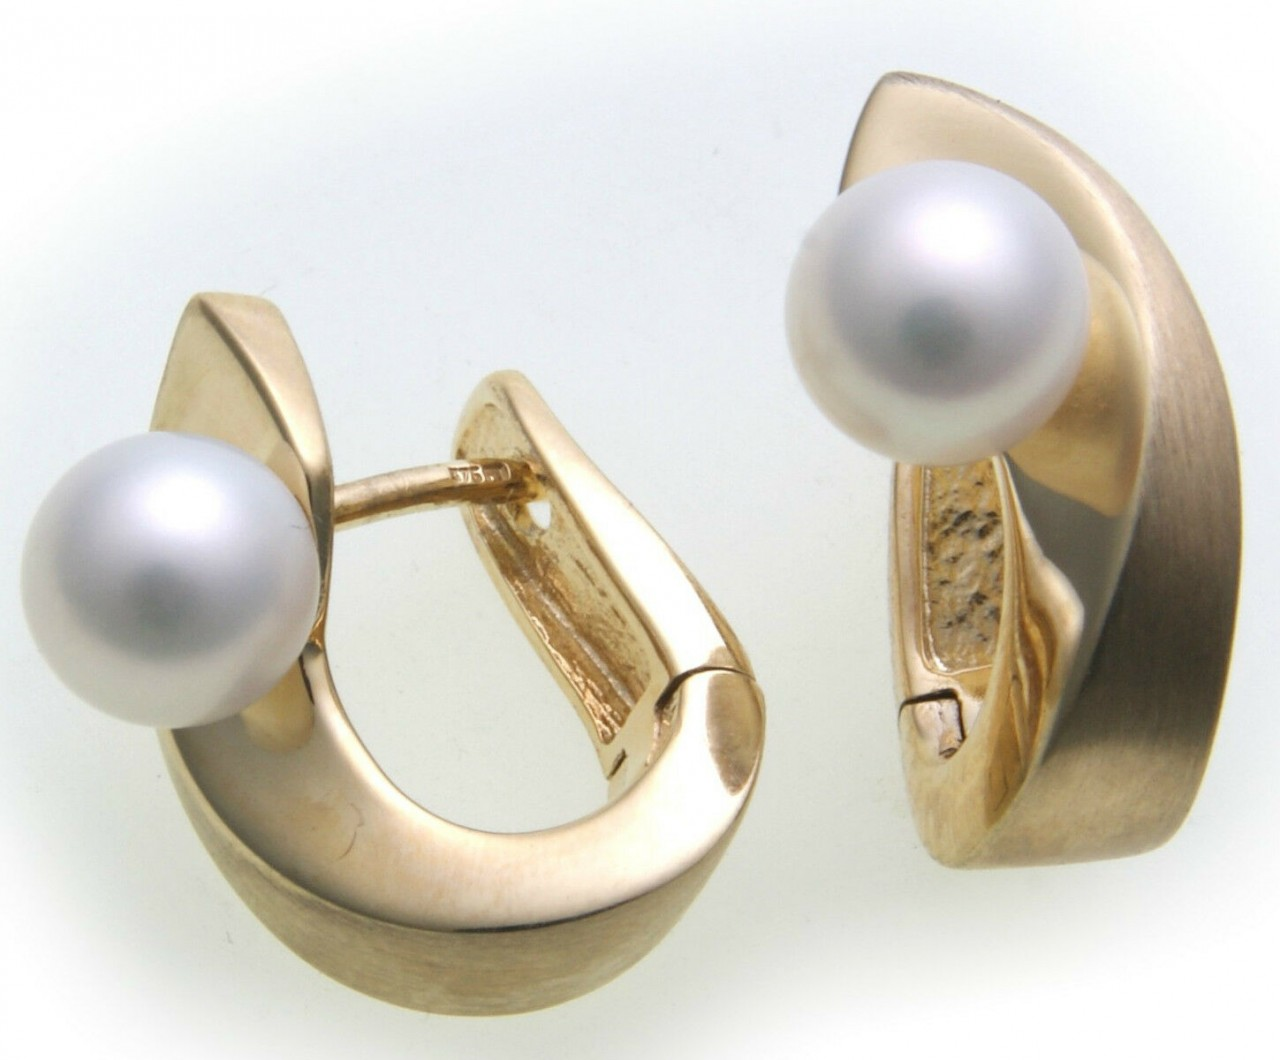 Damen Ohrringe Klapp Creolen echt Gold 333 mit Perlen 6,5 mm Gelbgold